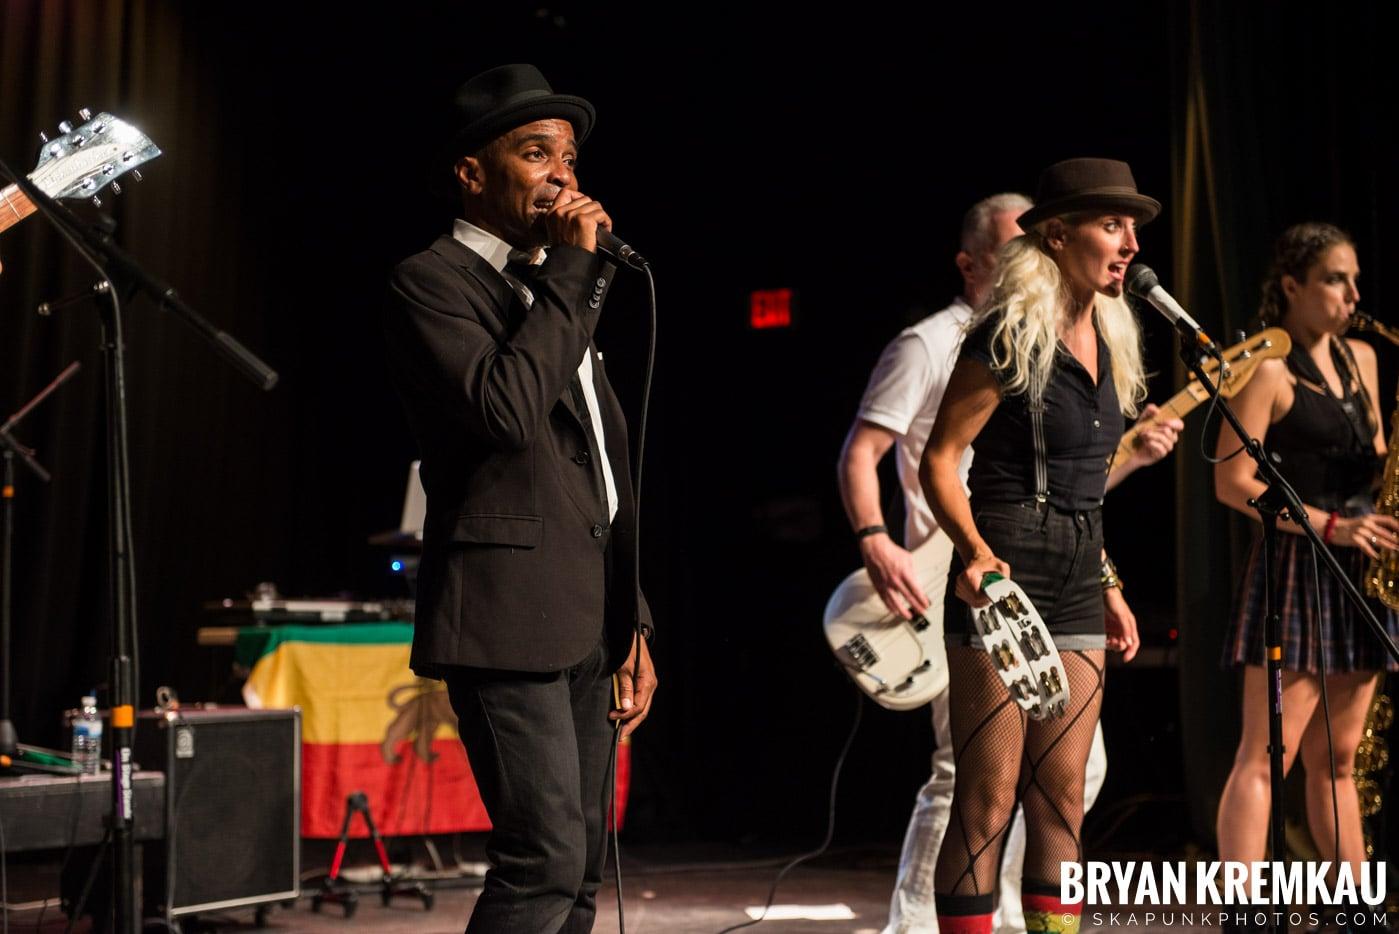 Rude Boy George @ Oskar Schindler Performing Arts Center, West Orange, NJ - 8.19.17 (12)